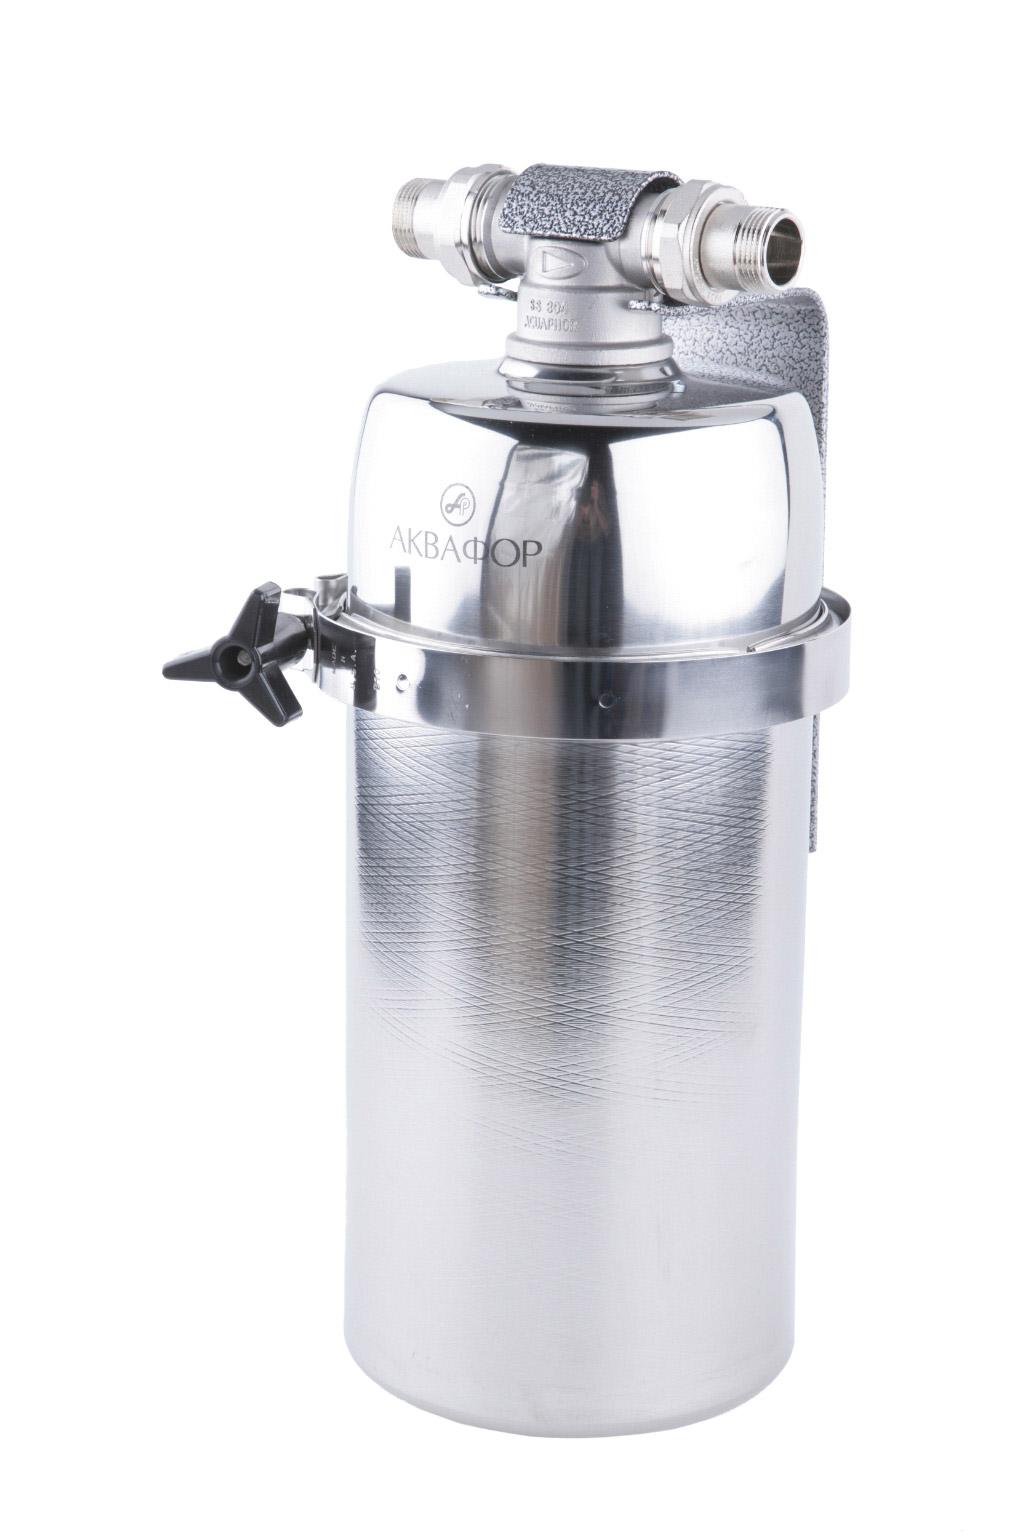 Корпус фильтра АКВАФОРФильтры для воды<br>Тип фильтра для воды: магистральный,<br>Назначение фильтра для воды: для горячей и холодной воды,<br>Функциональные особенности фильтра для воды: механической очистки,<br>Подключение к водопроводу: Есть<br>